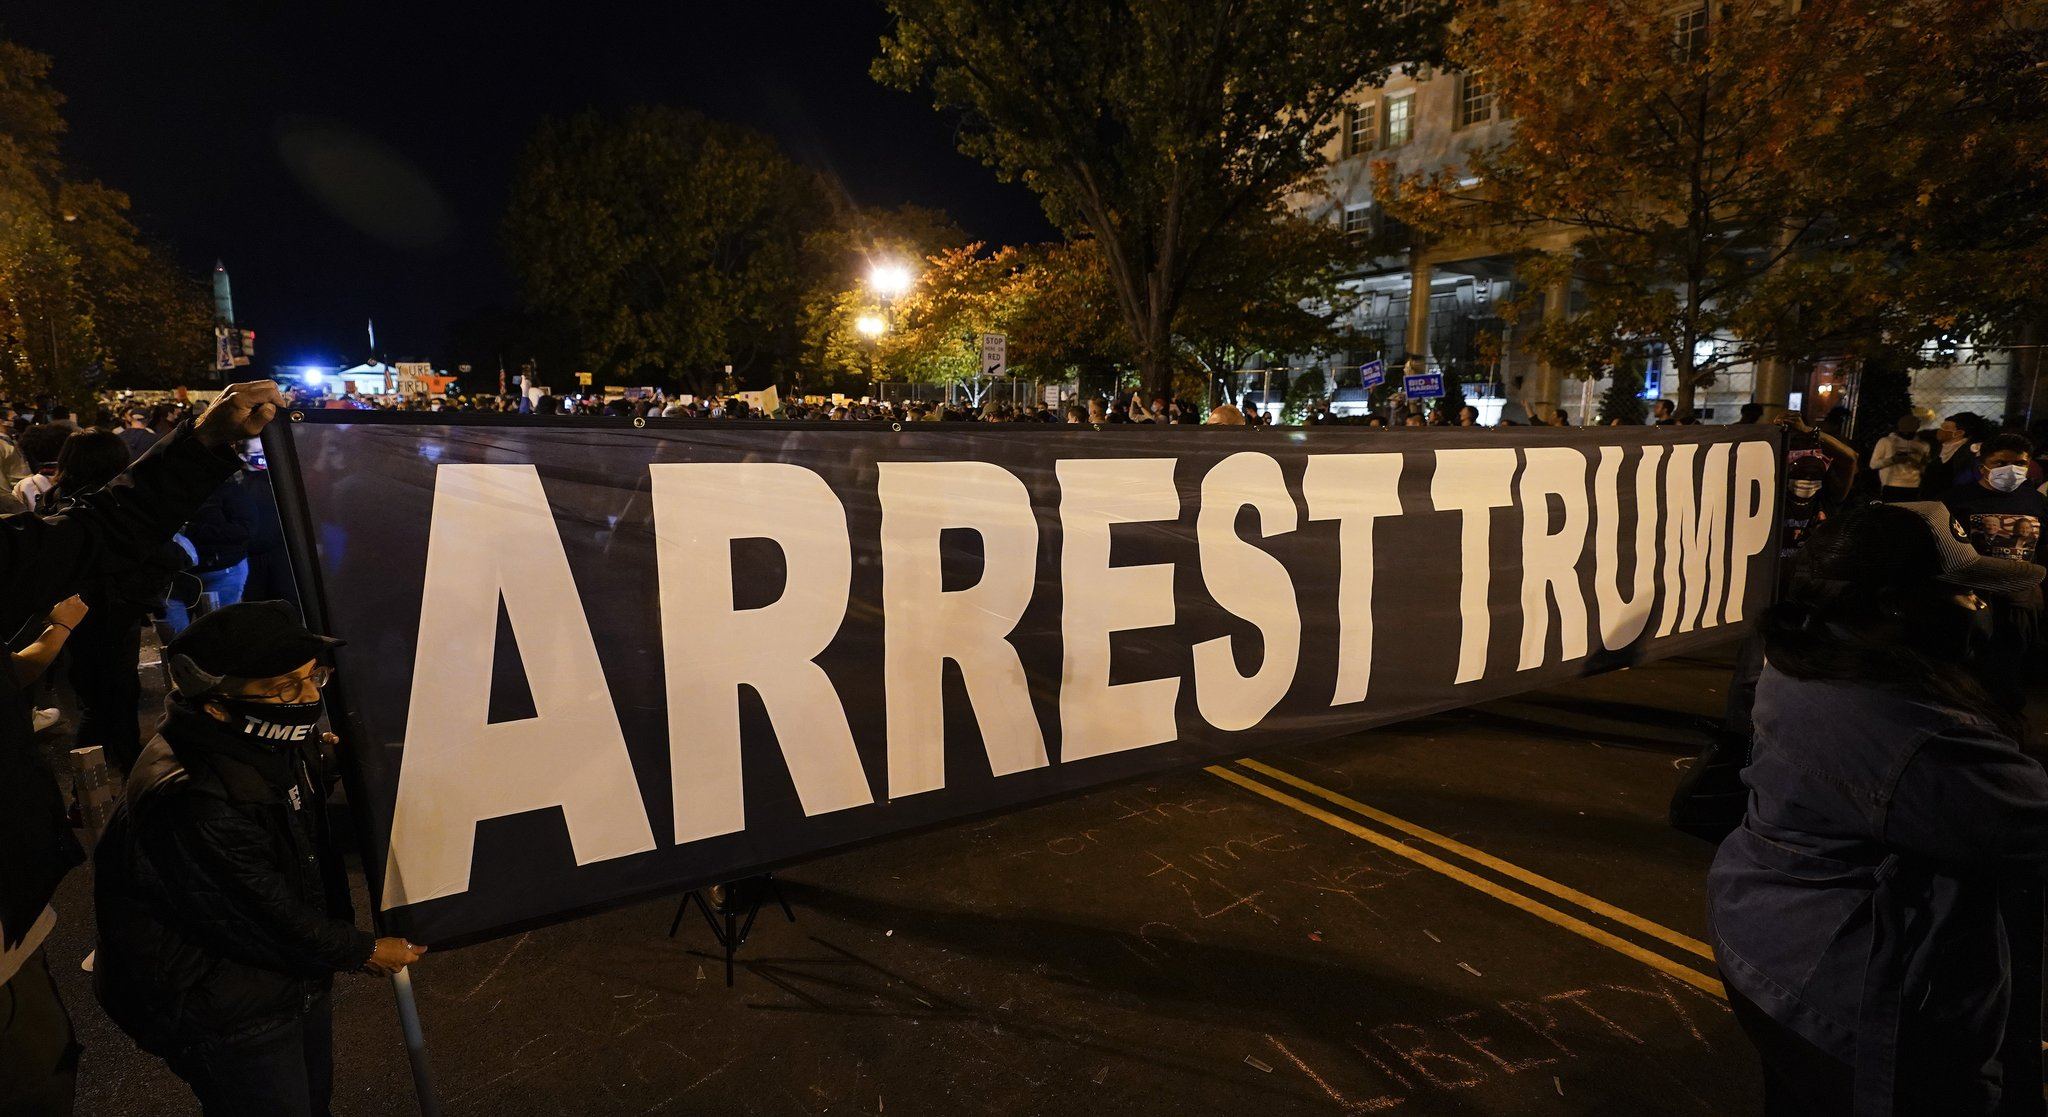 7일 워싱턴DC에서 조 바이든 후보의 승리를 축하하는 지지자들이 '트럼프를 체포하라'는 현수막을 들고 거리를 행진하고 있다. AP=연합뉴스